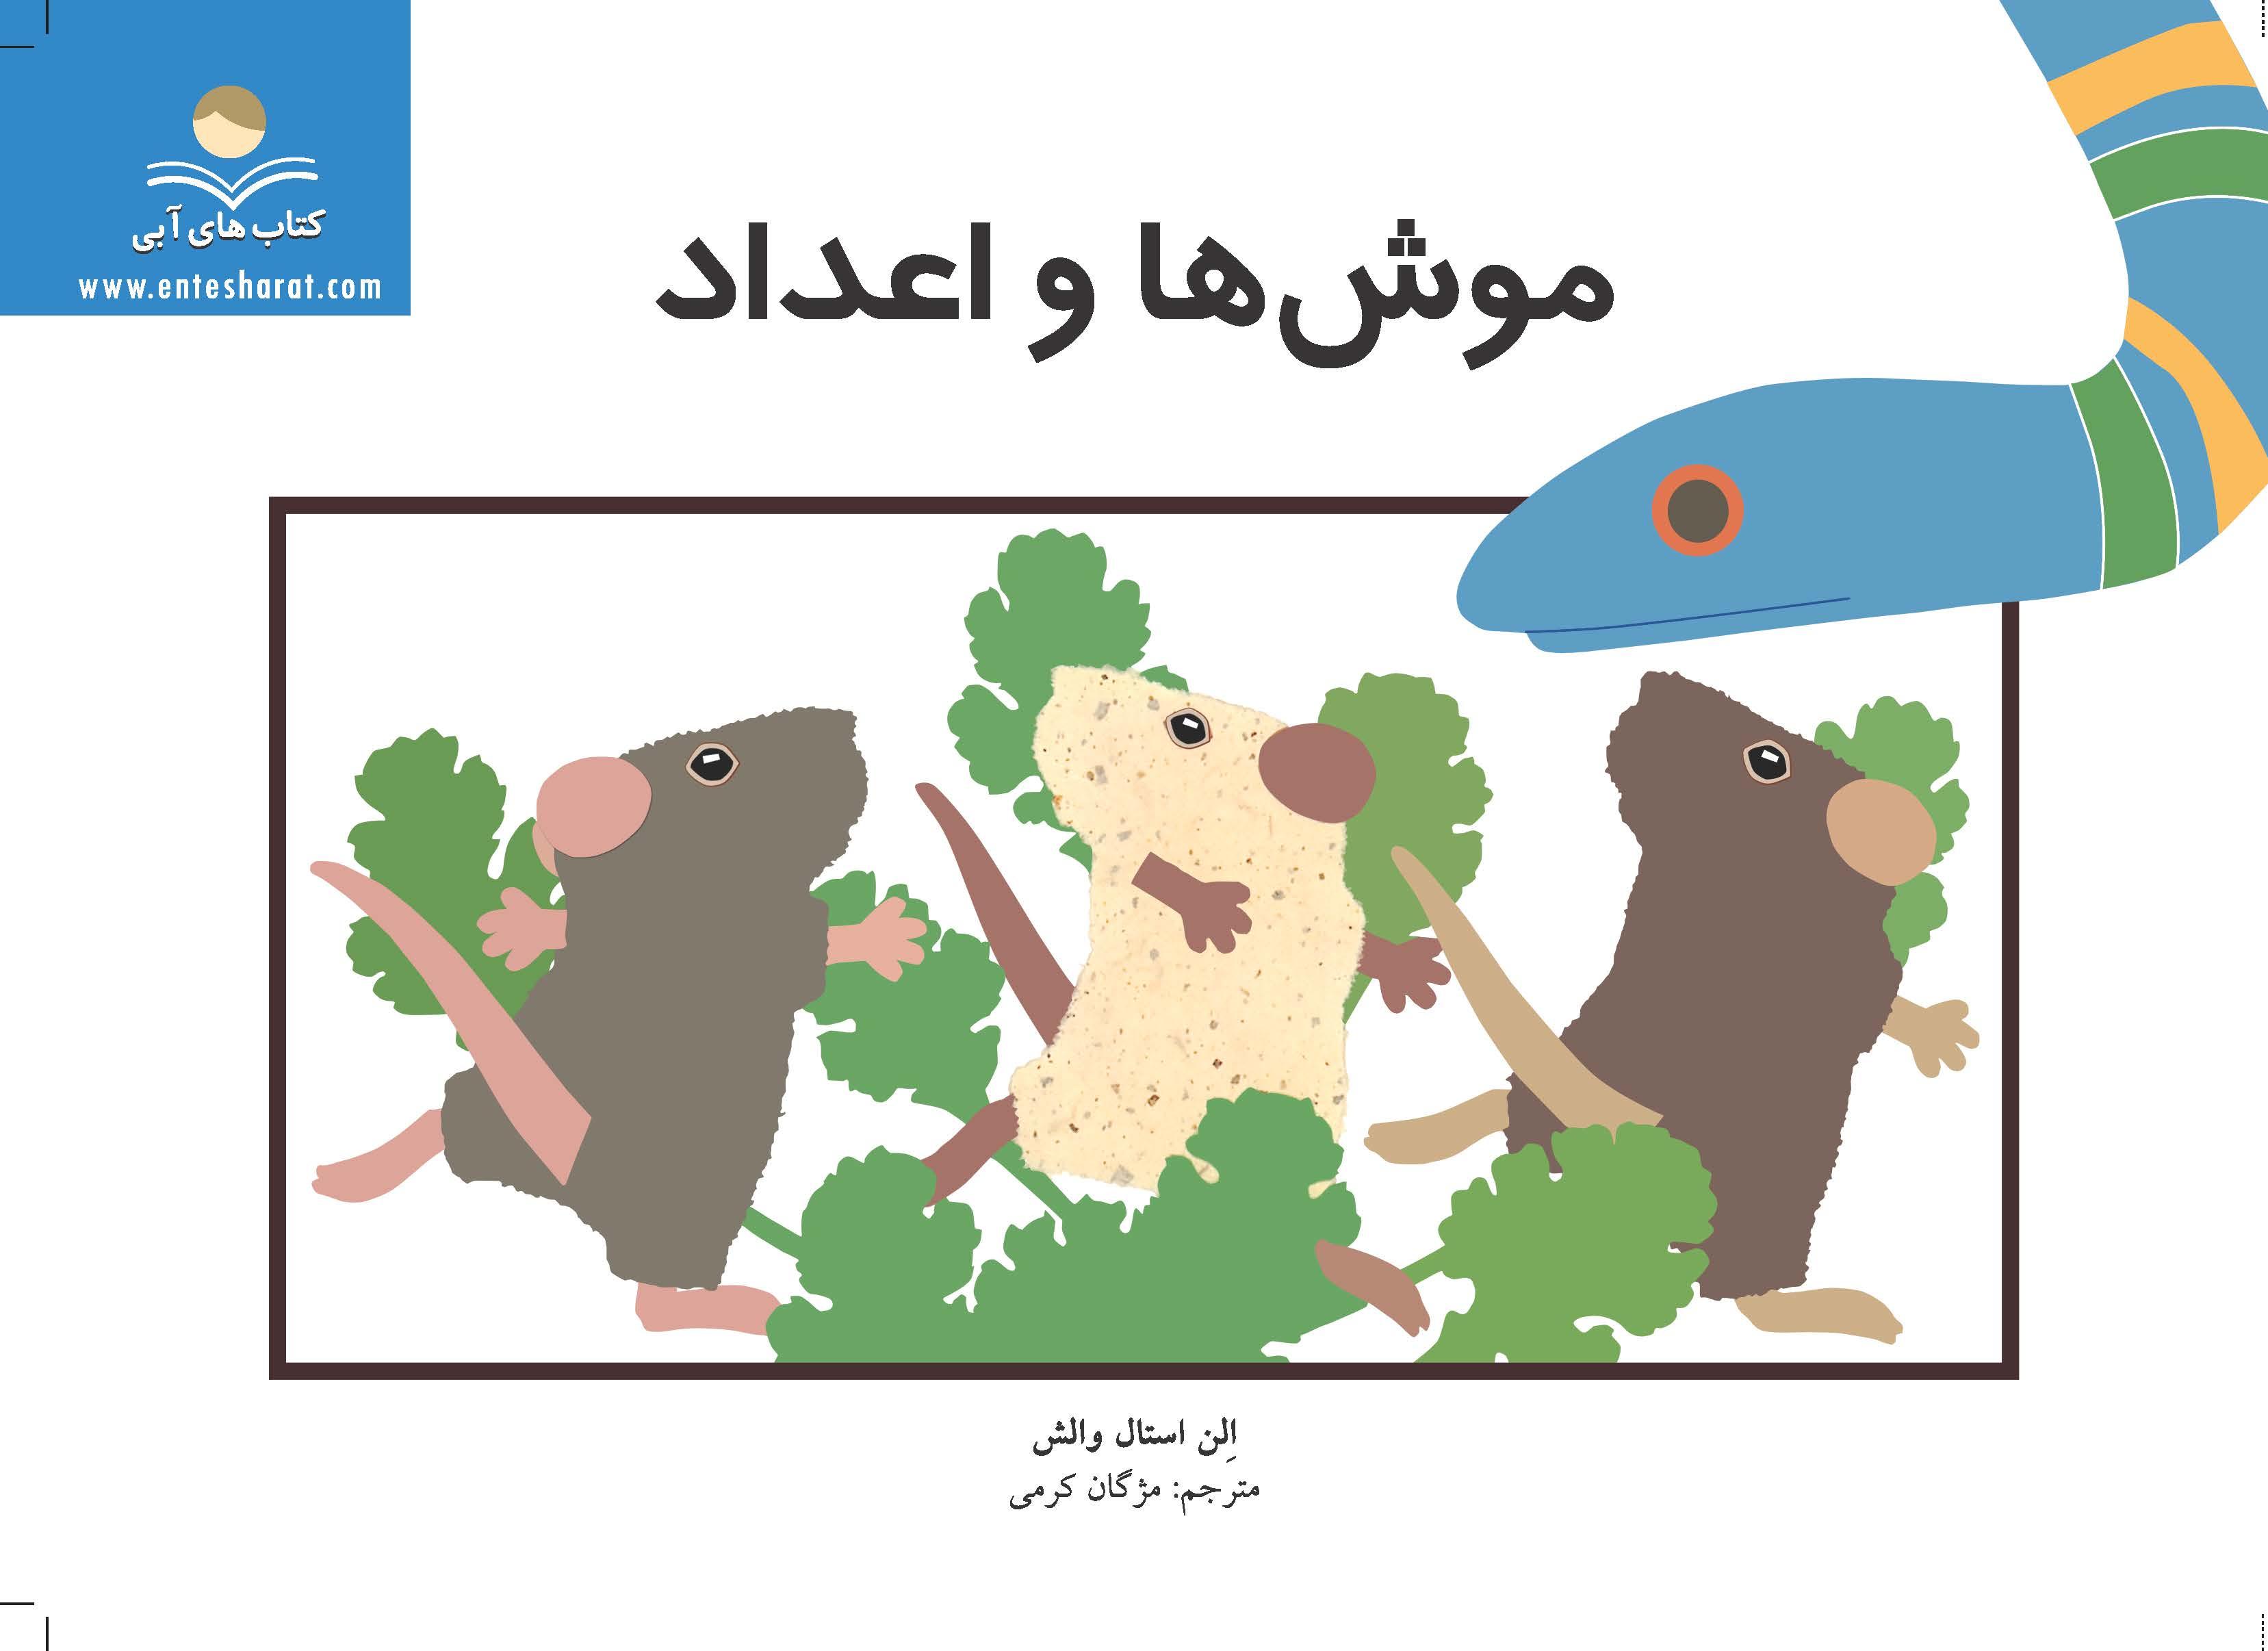 موشها و اعداد